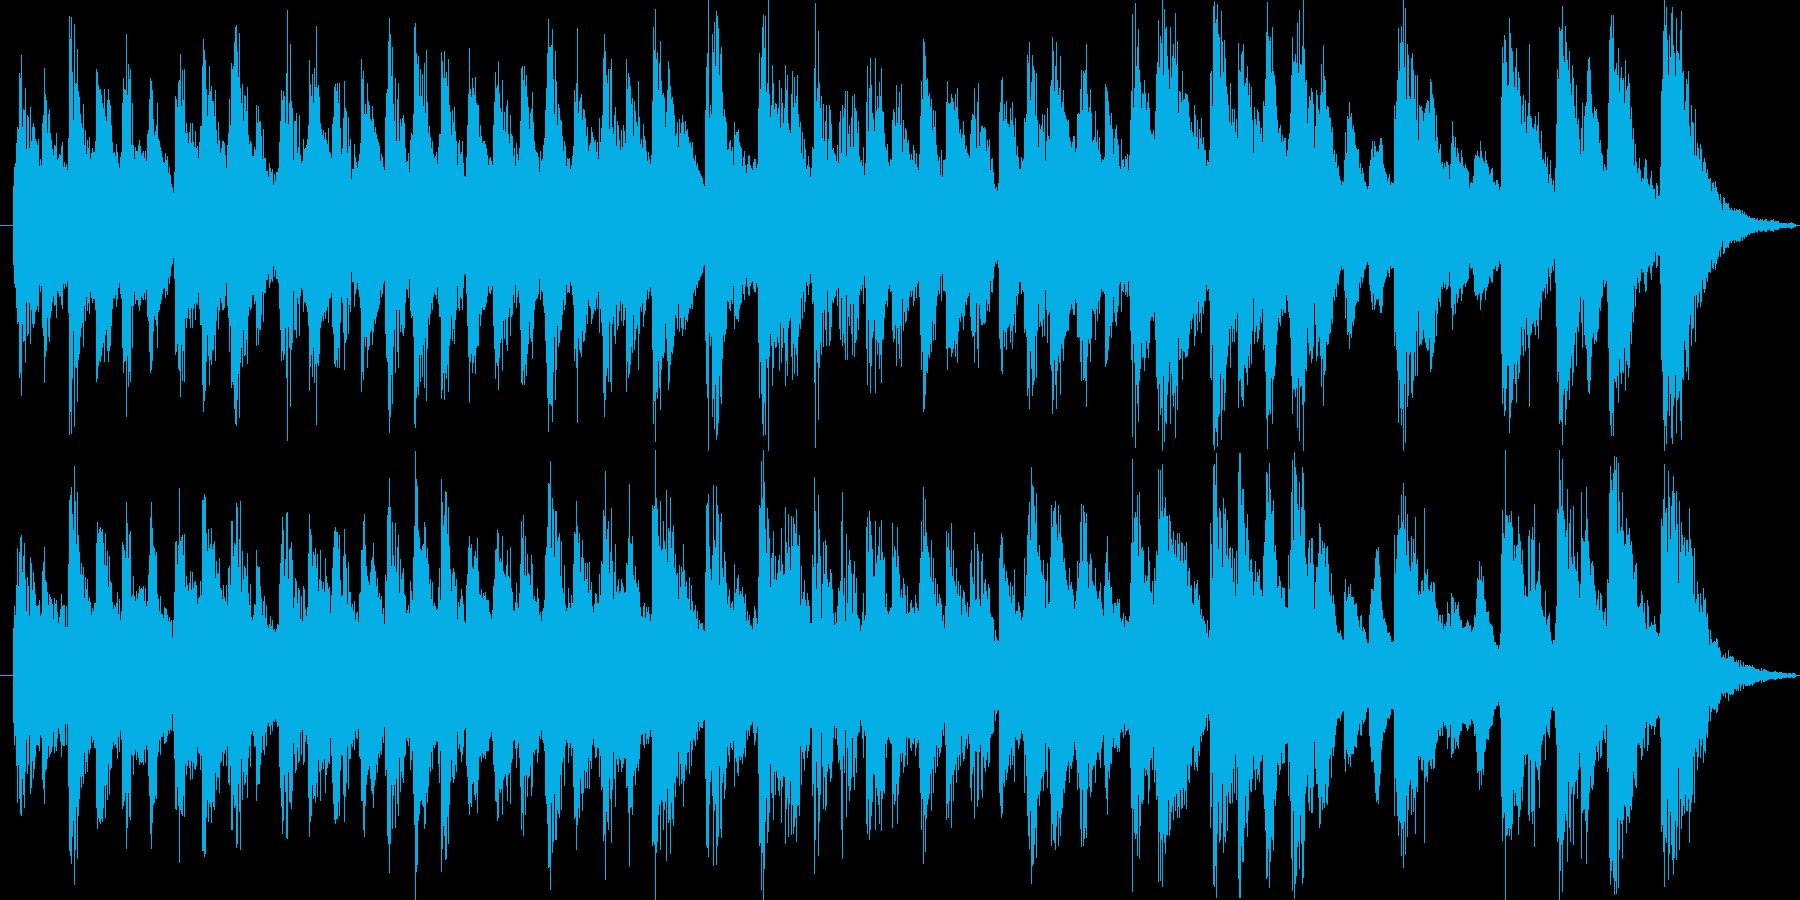 明るくポップで楽しいほのぼのBGMの再生済みの波形